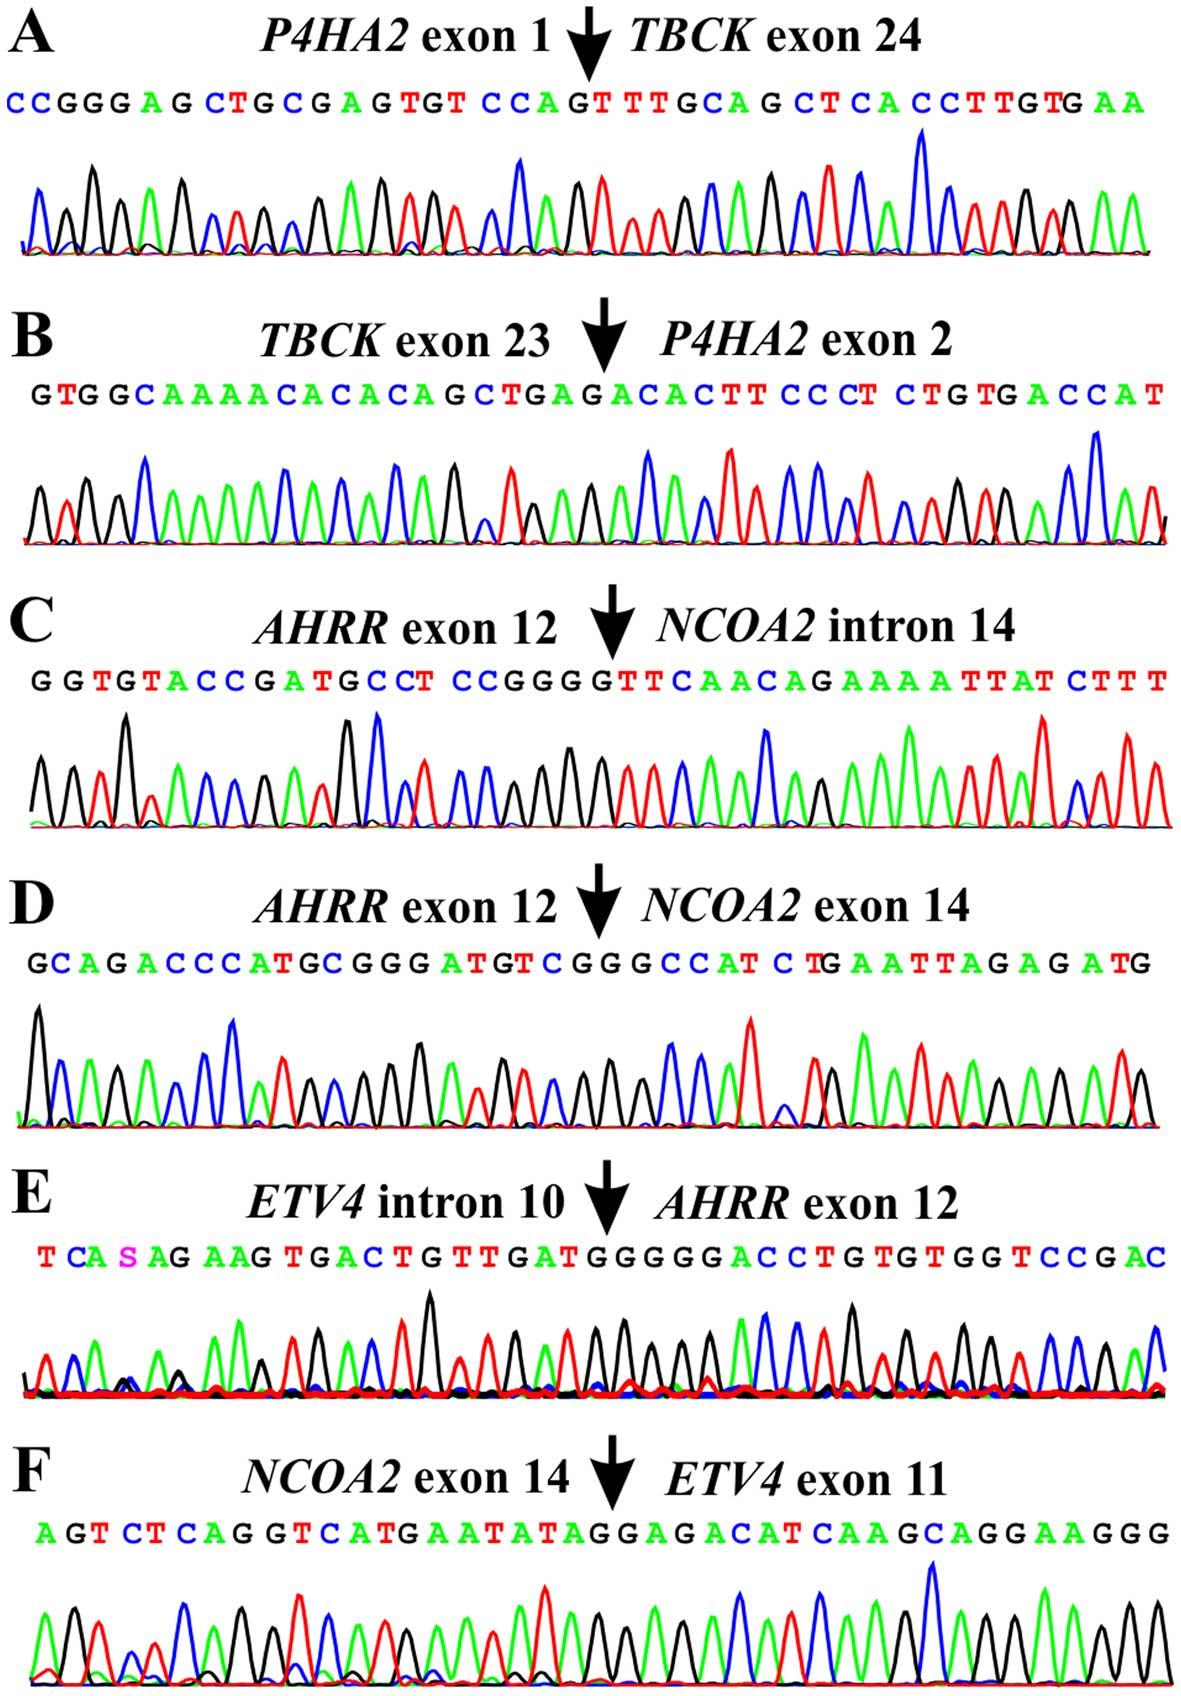 Gene fusions AHRR-NCOA2, NCOA2-ETV4, ETV4-AHRR, P4HA2-TBCK